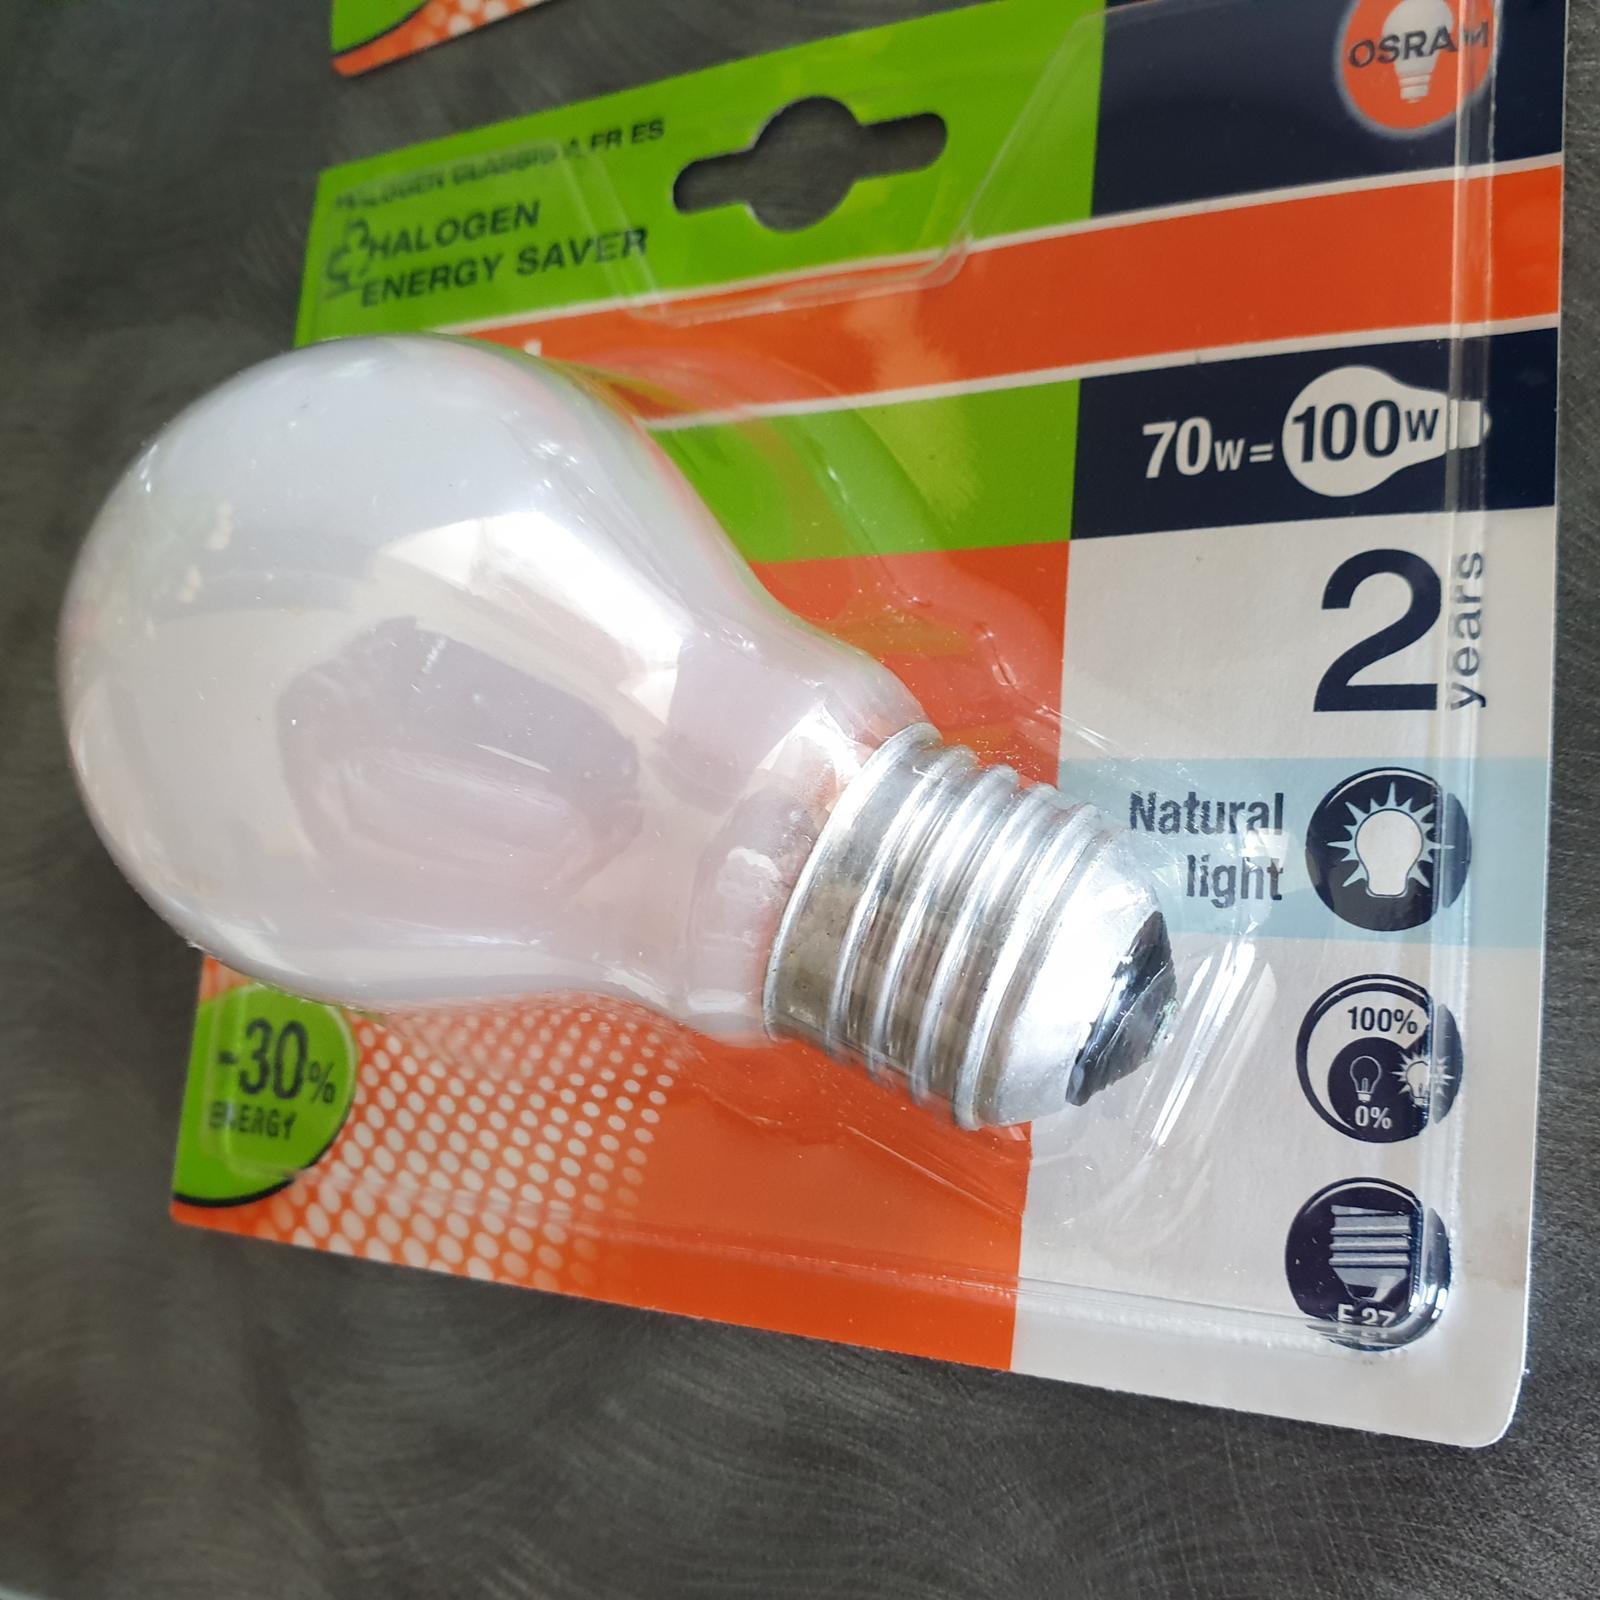 žiarovky osram - Obrázok č. 2